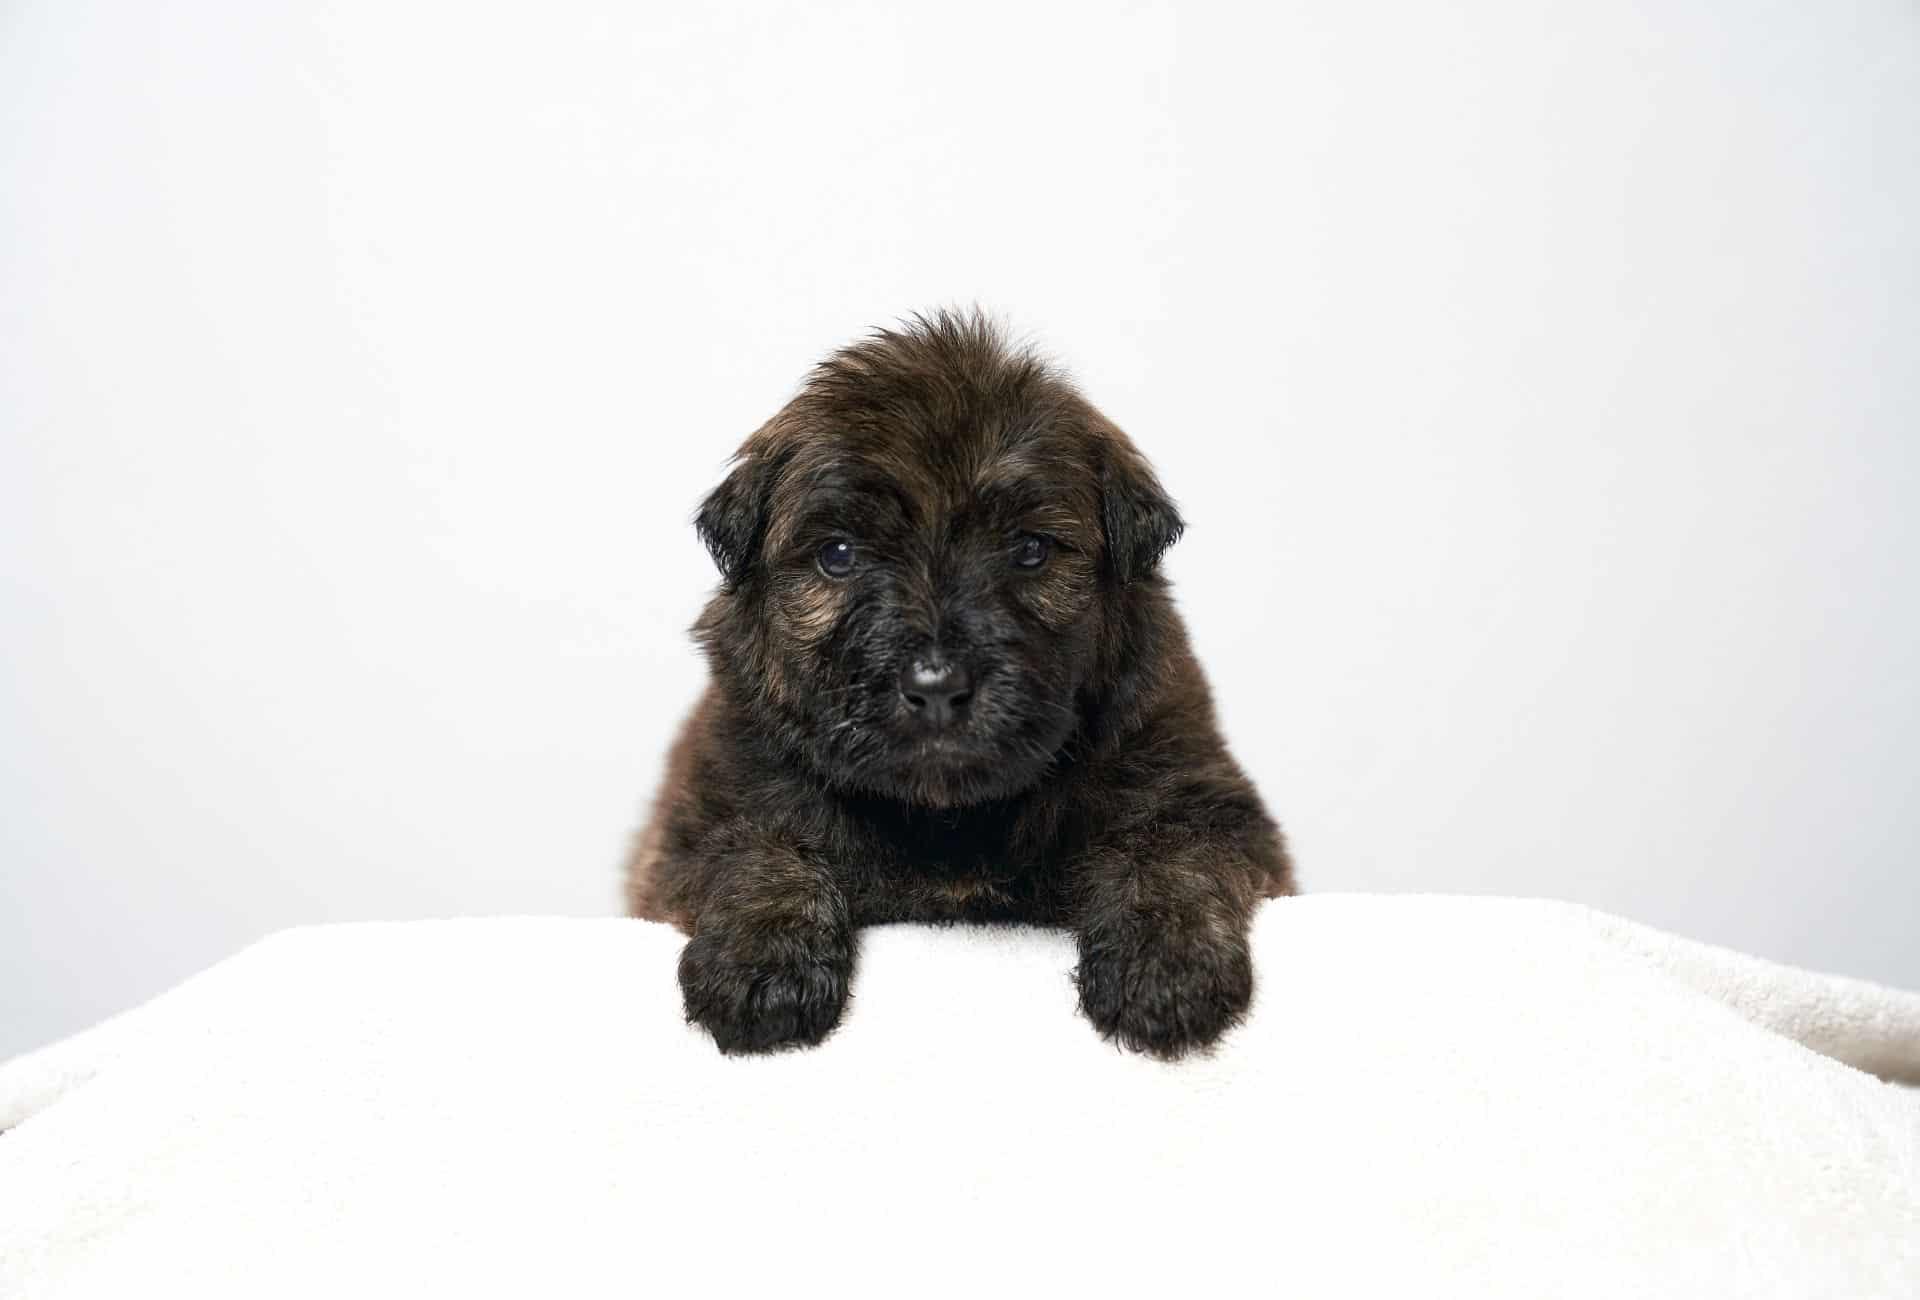 Bouvier des Flandres pup resembles a teddy bear.